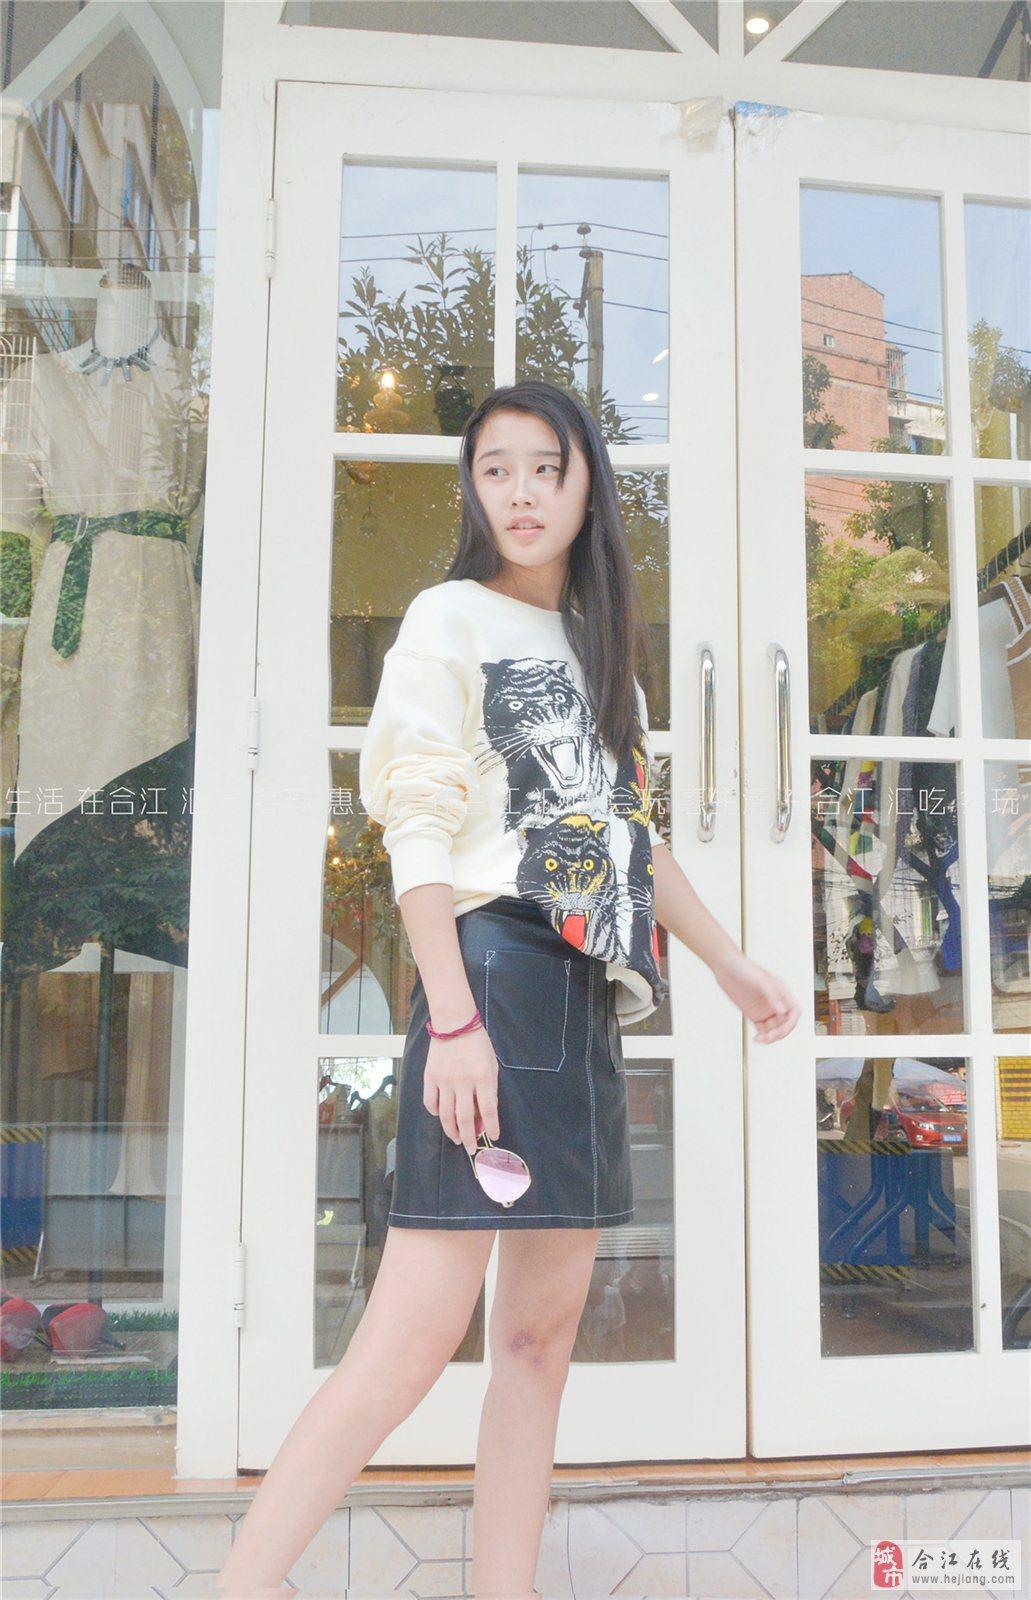 小编带路一百零七站:杨杨的穿搭秀,这个秋天穿的再美一点!